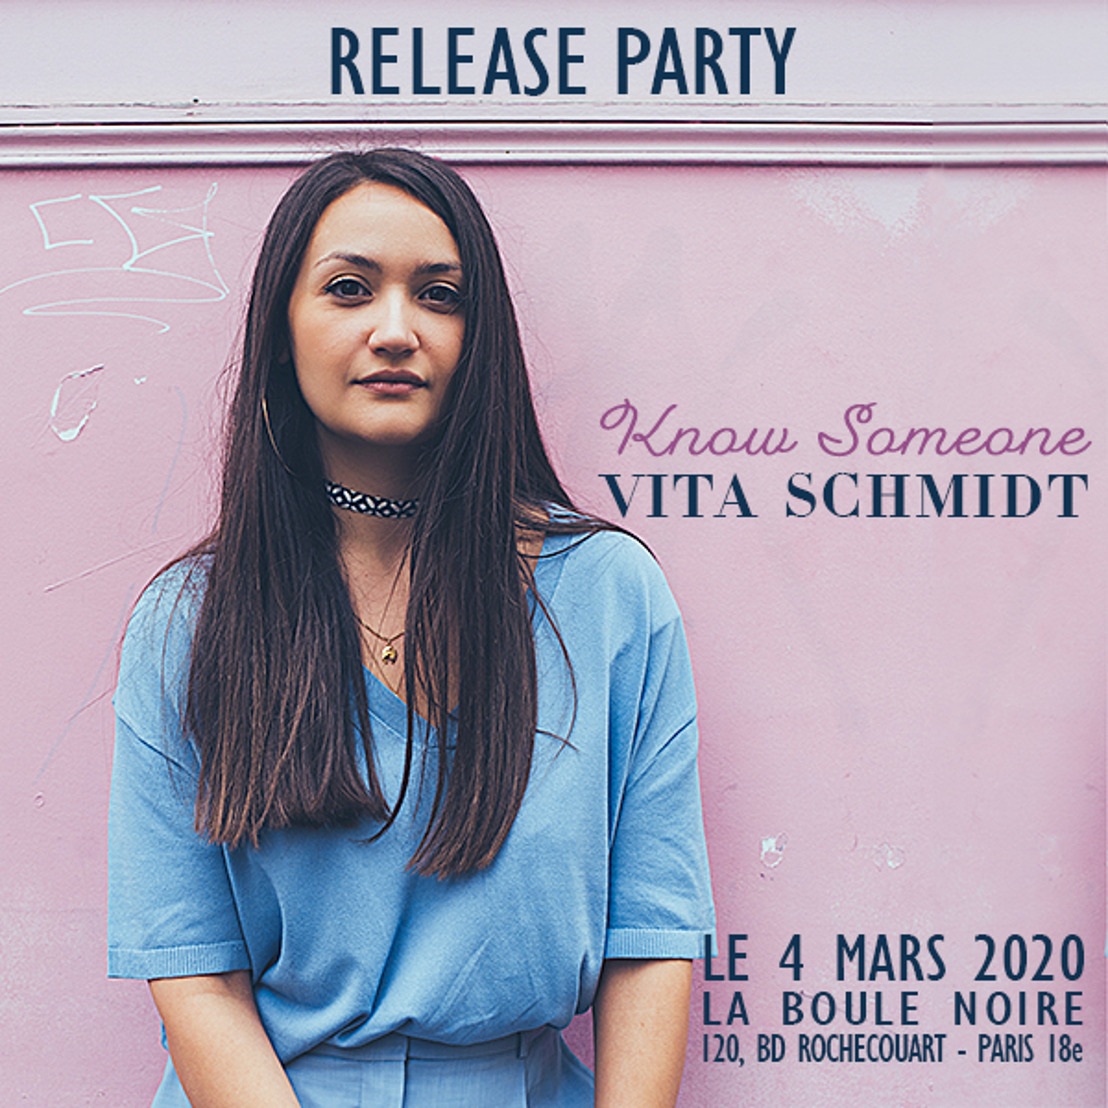 VITA SCHMIDT en concert à La Boule Noire le 4 mars 2020